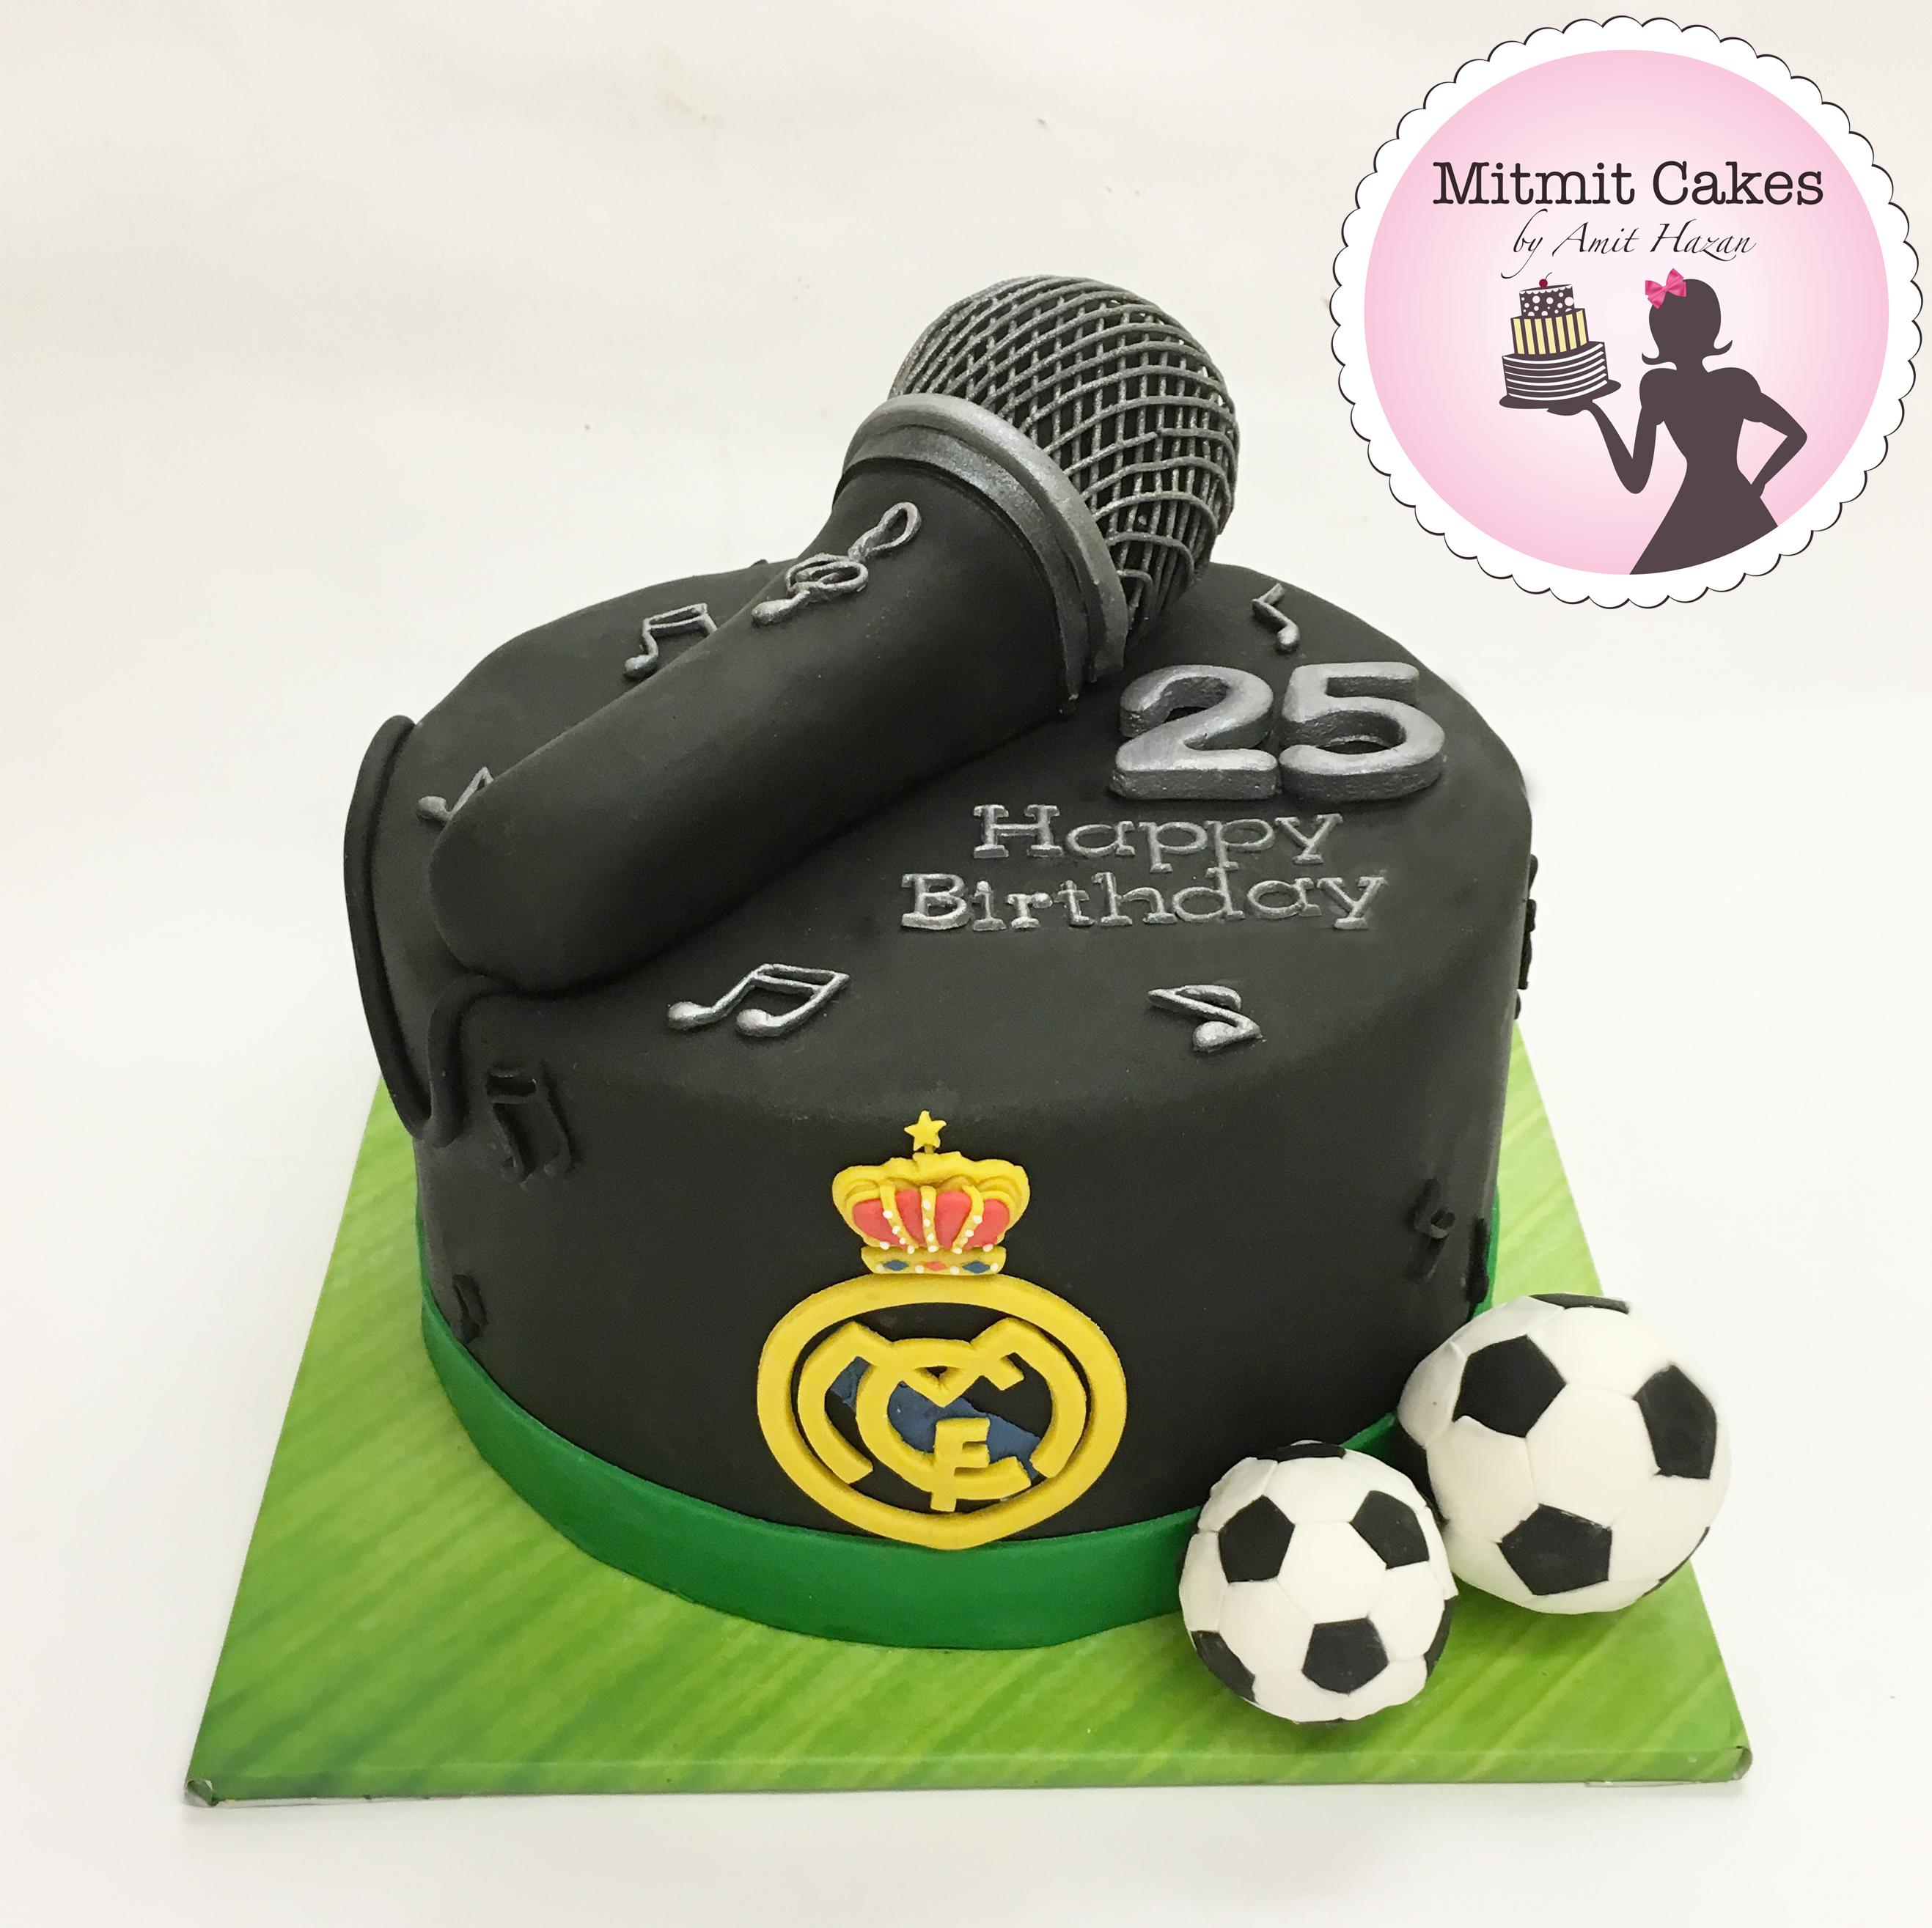 עוגת כדורגל ריאל מדריד ומוזיקה